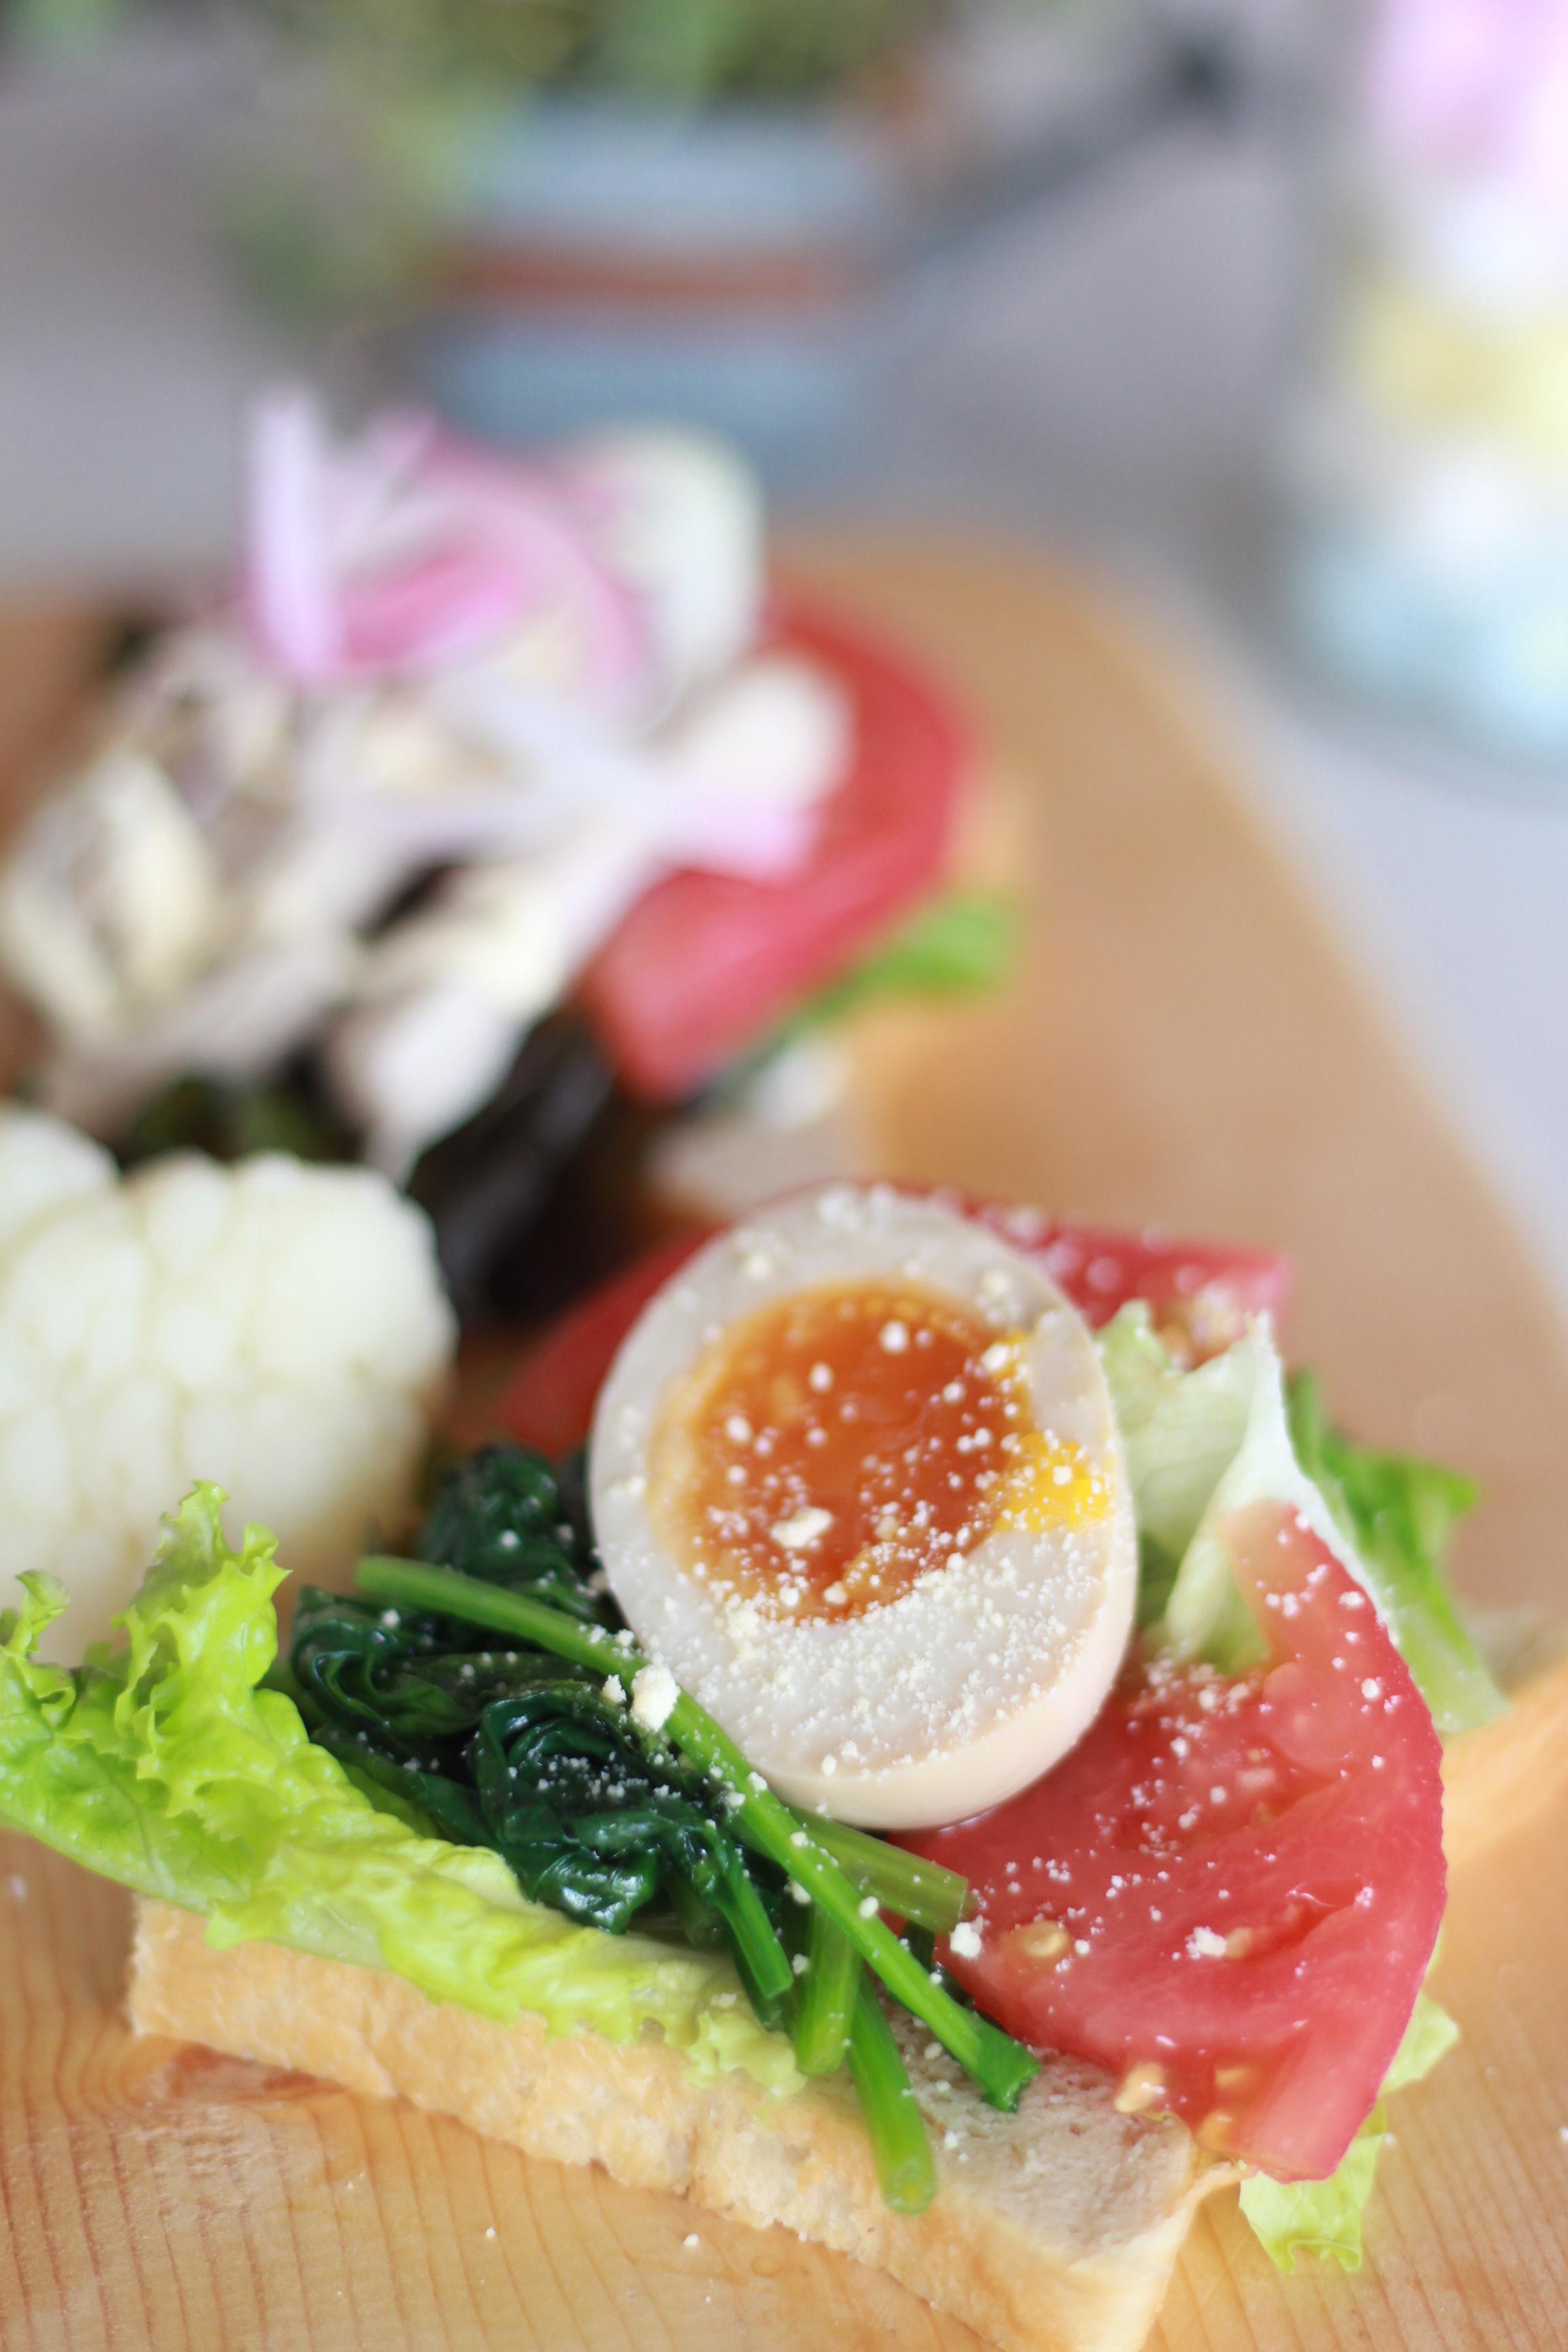 京都江部粉・糖質制限角食。a-ta-sante糖質制限パン料理教室。阿倍野区西田辺。